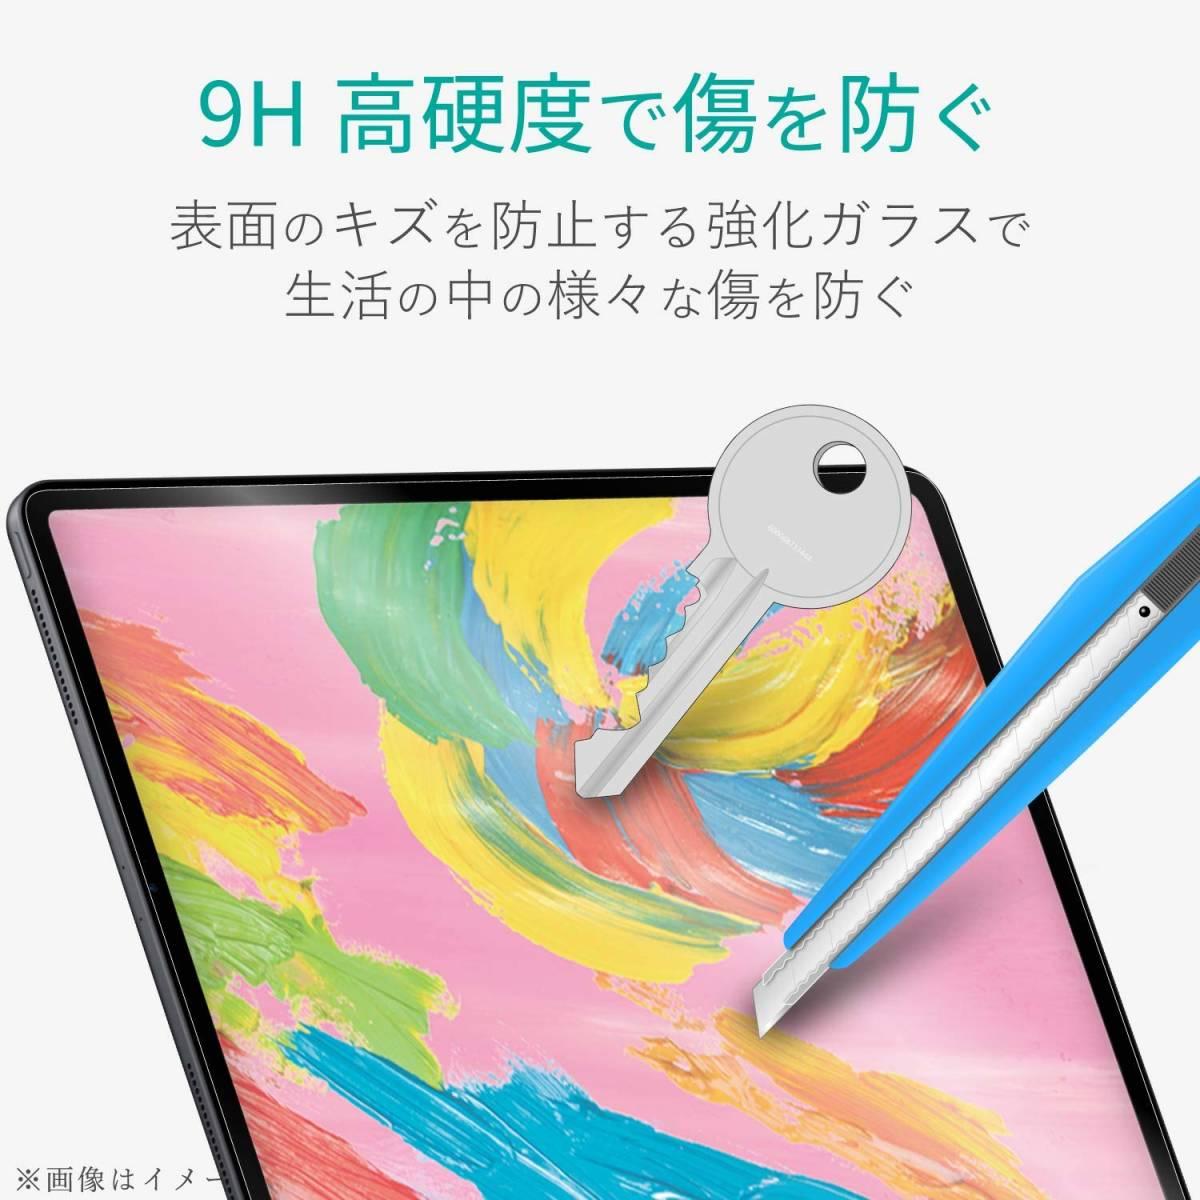 新品◆ELECOM iPad Pro 2018モデル 12.9インチ 強化ガラスフィルム◆_画像2